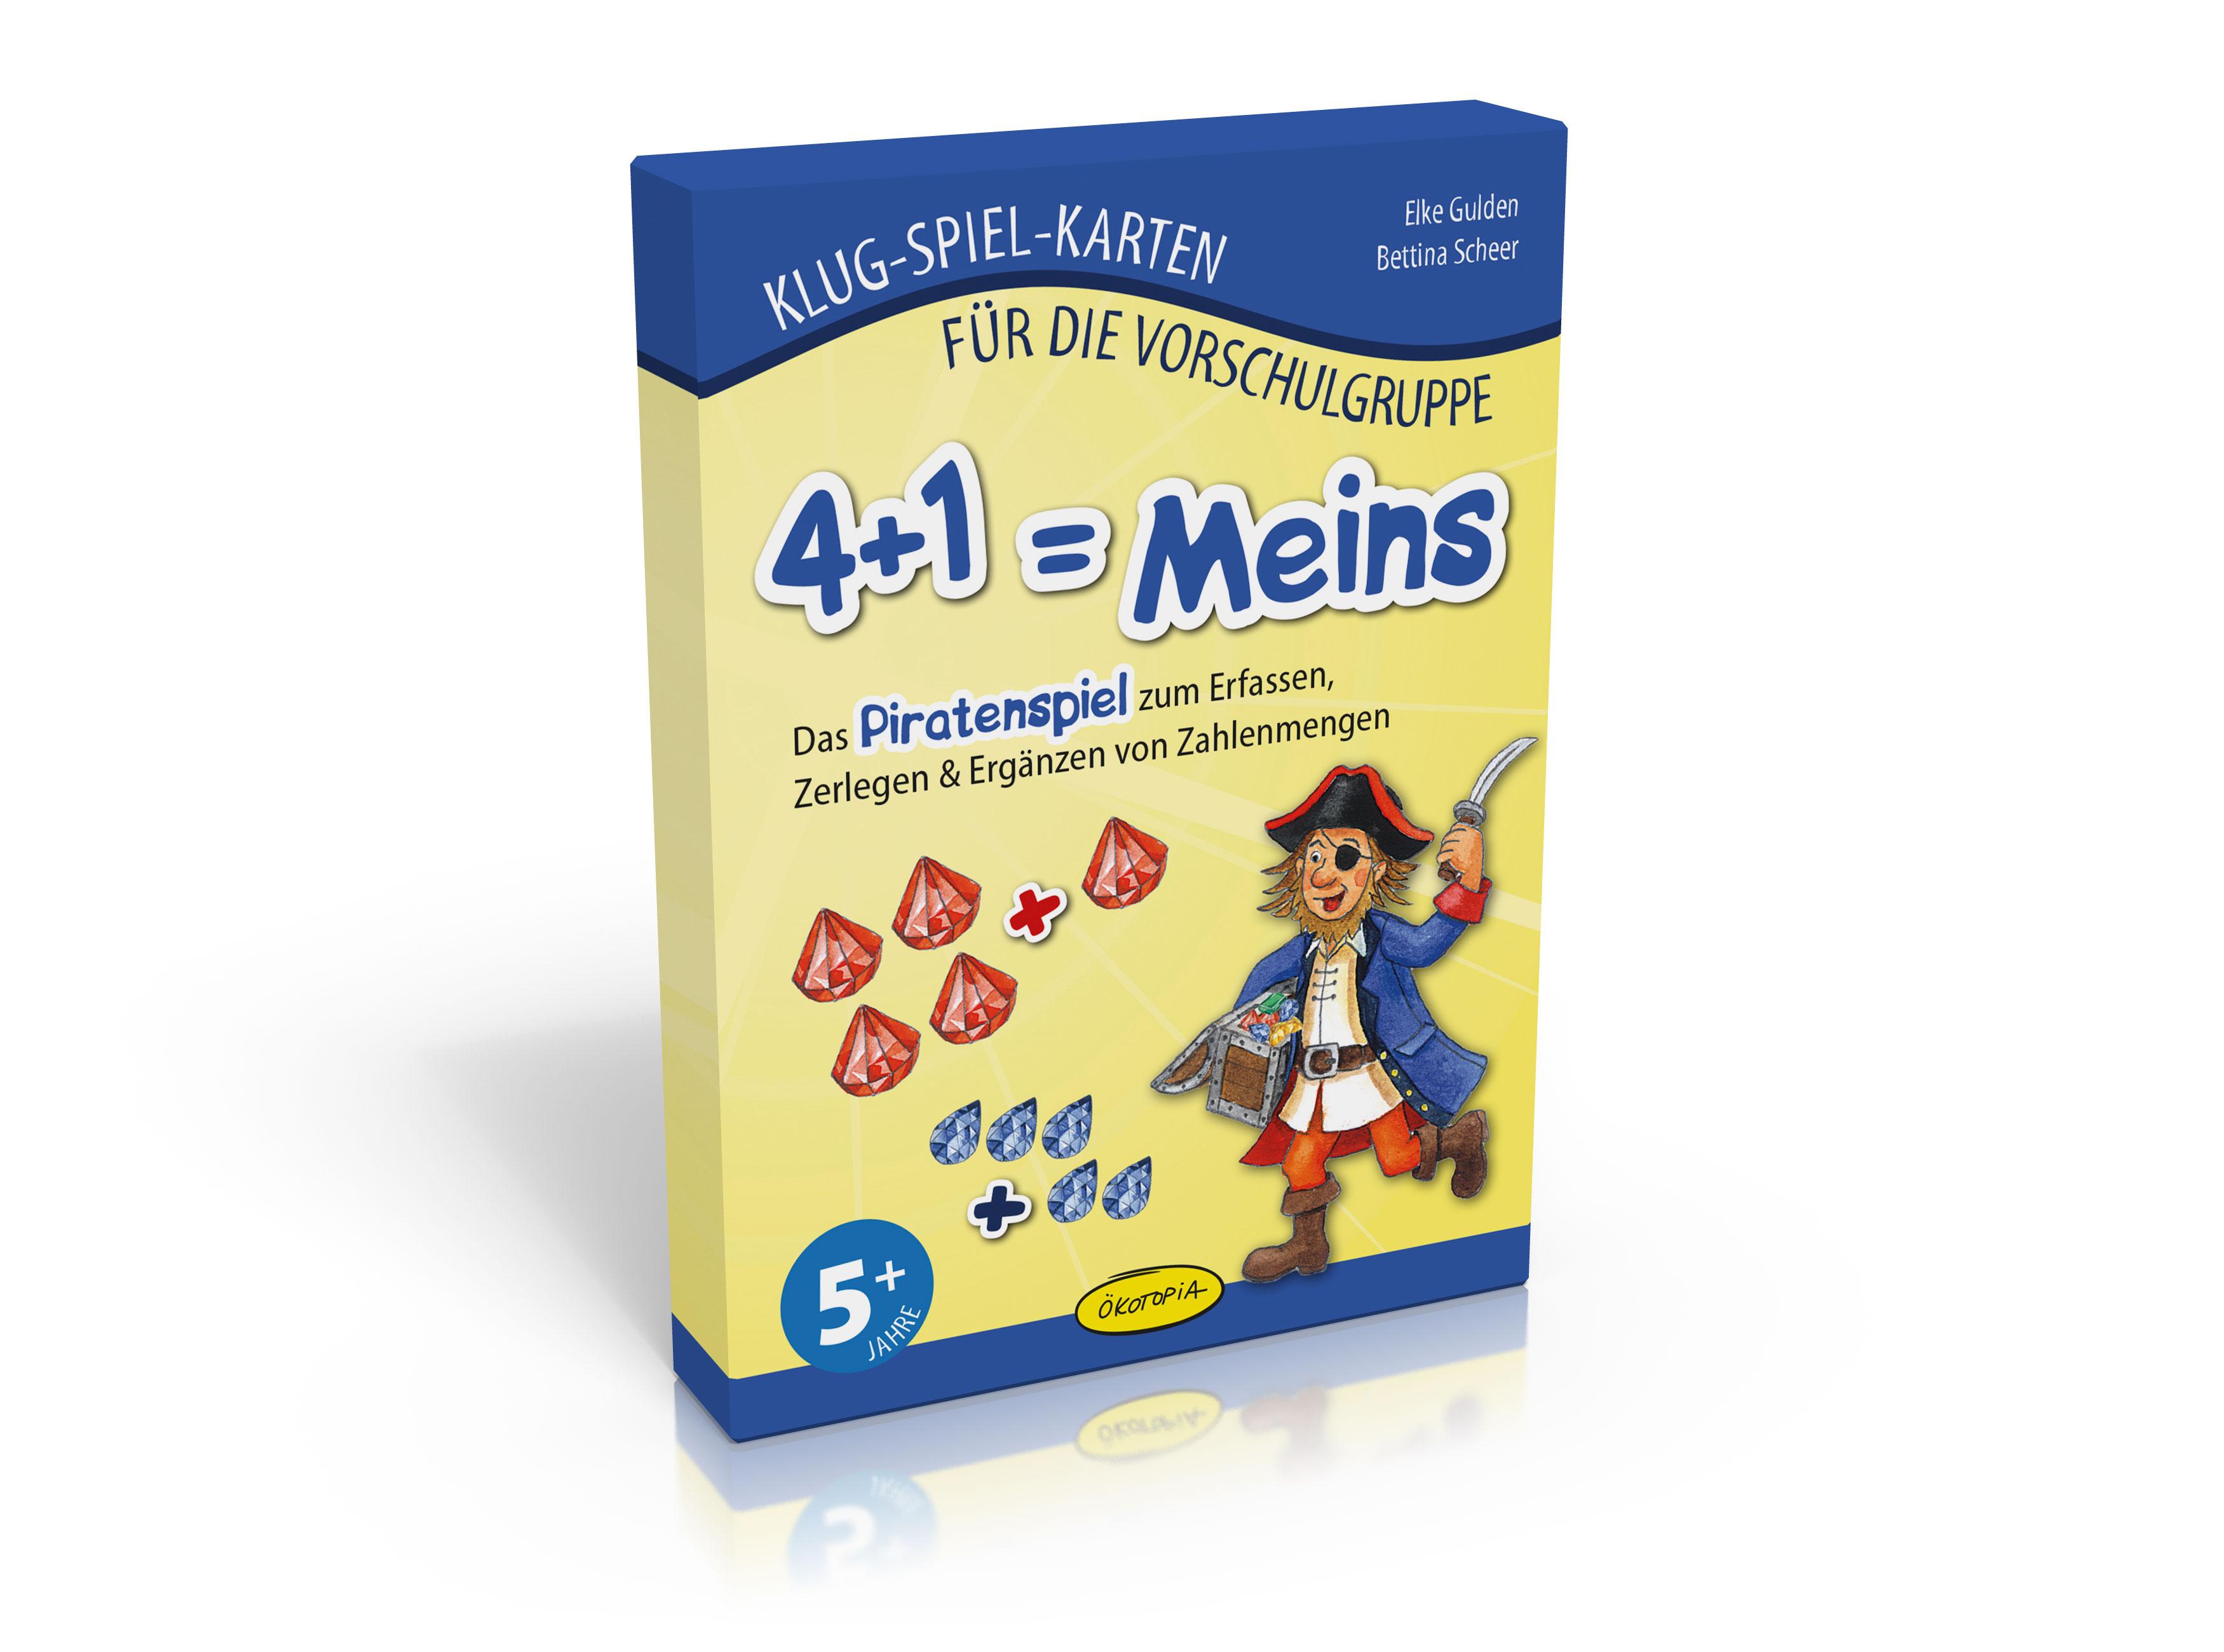 4+1 = Meins (Klug-Spiel-Karten)